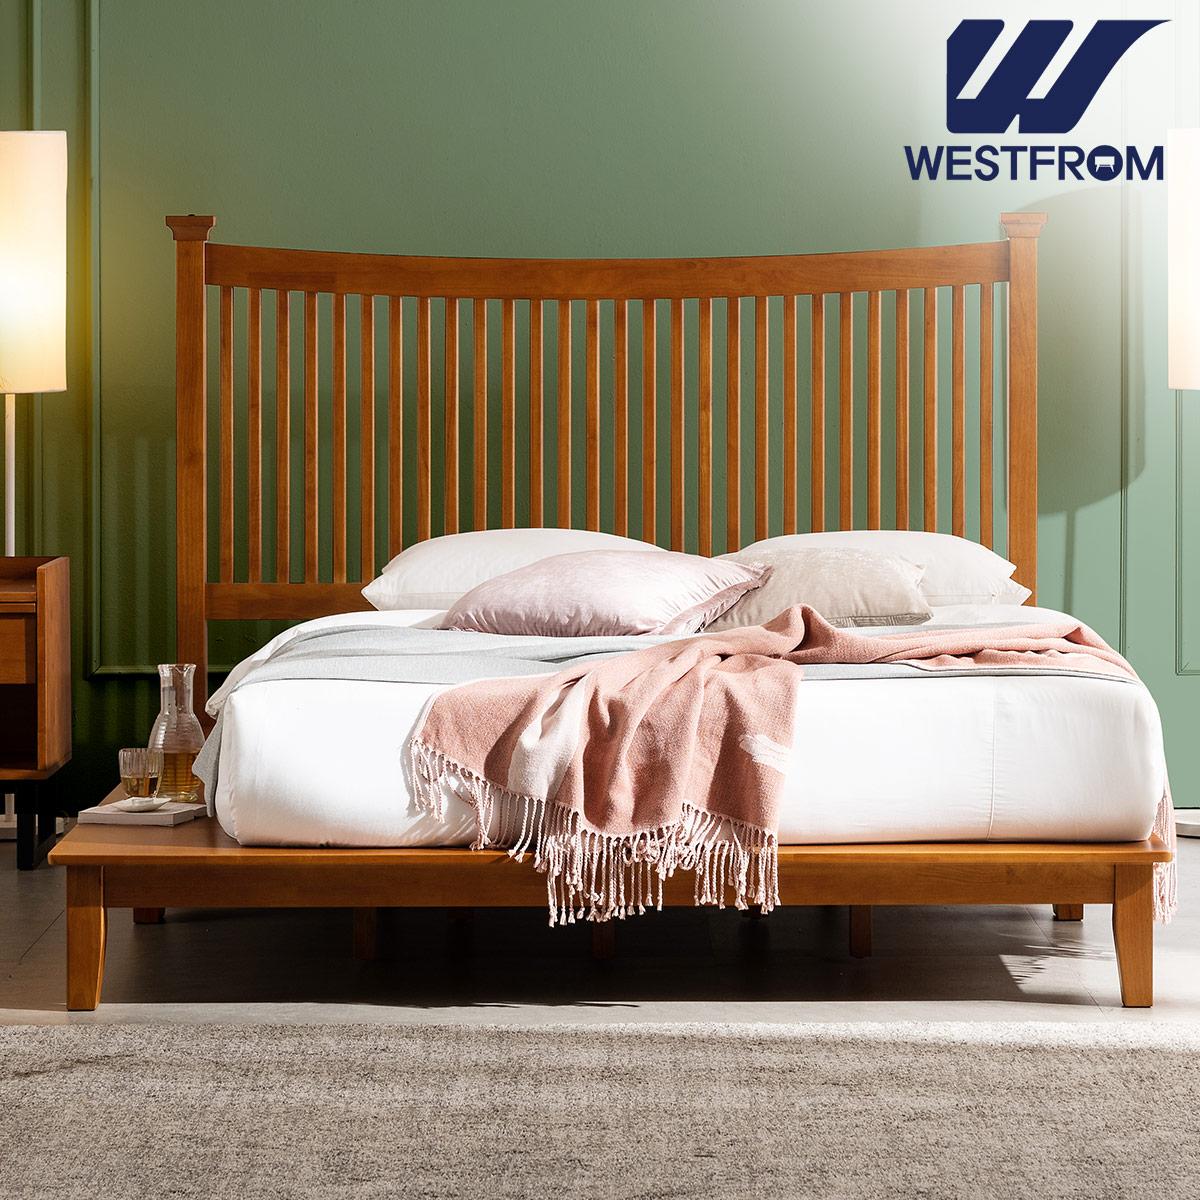 [웨스트프롬] 모던 마가렛) 고무나무원목 평상형 침대(라지K) / 텐더 바다 K매트리스 / 전국착불